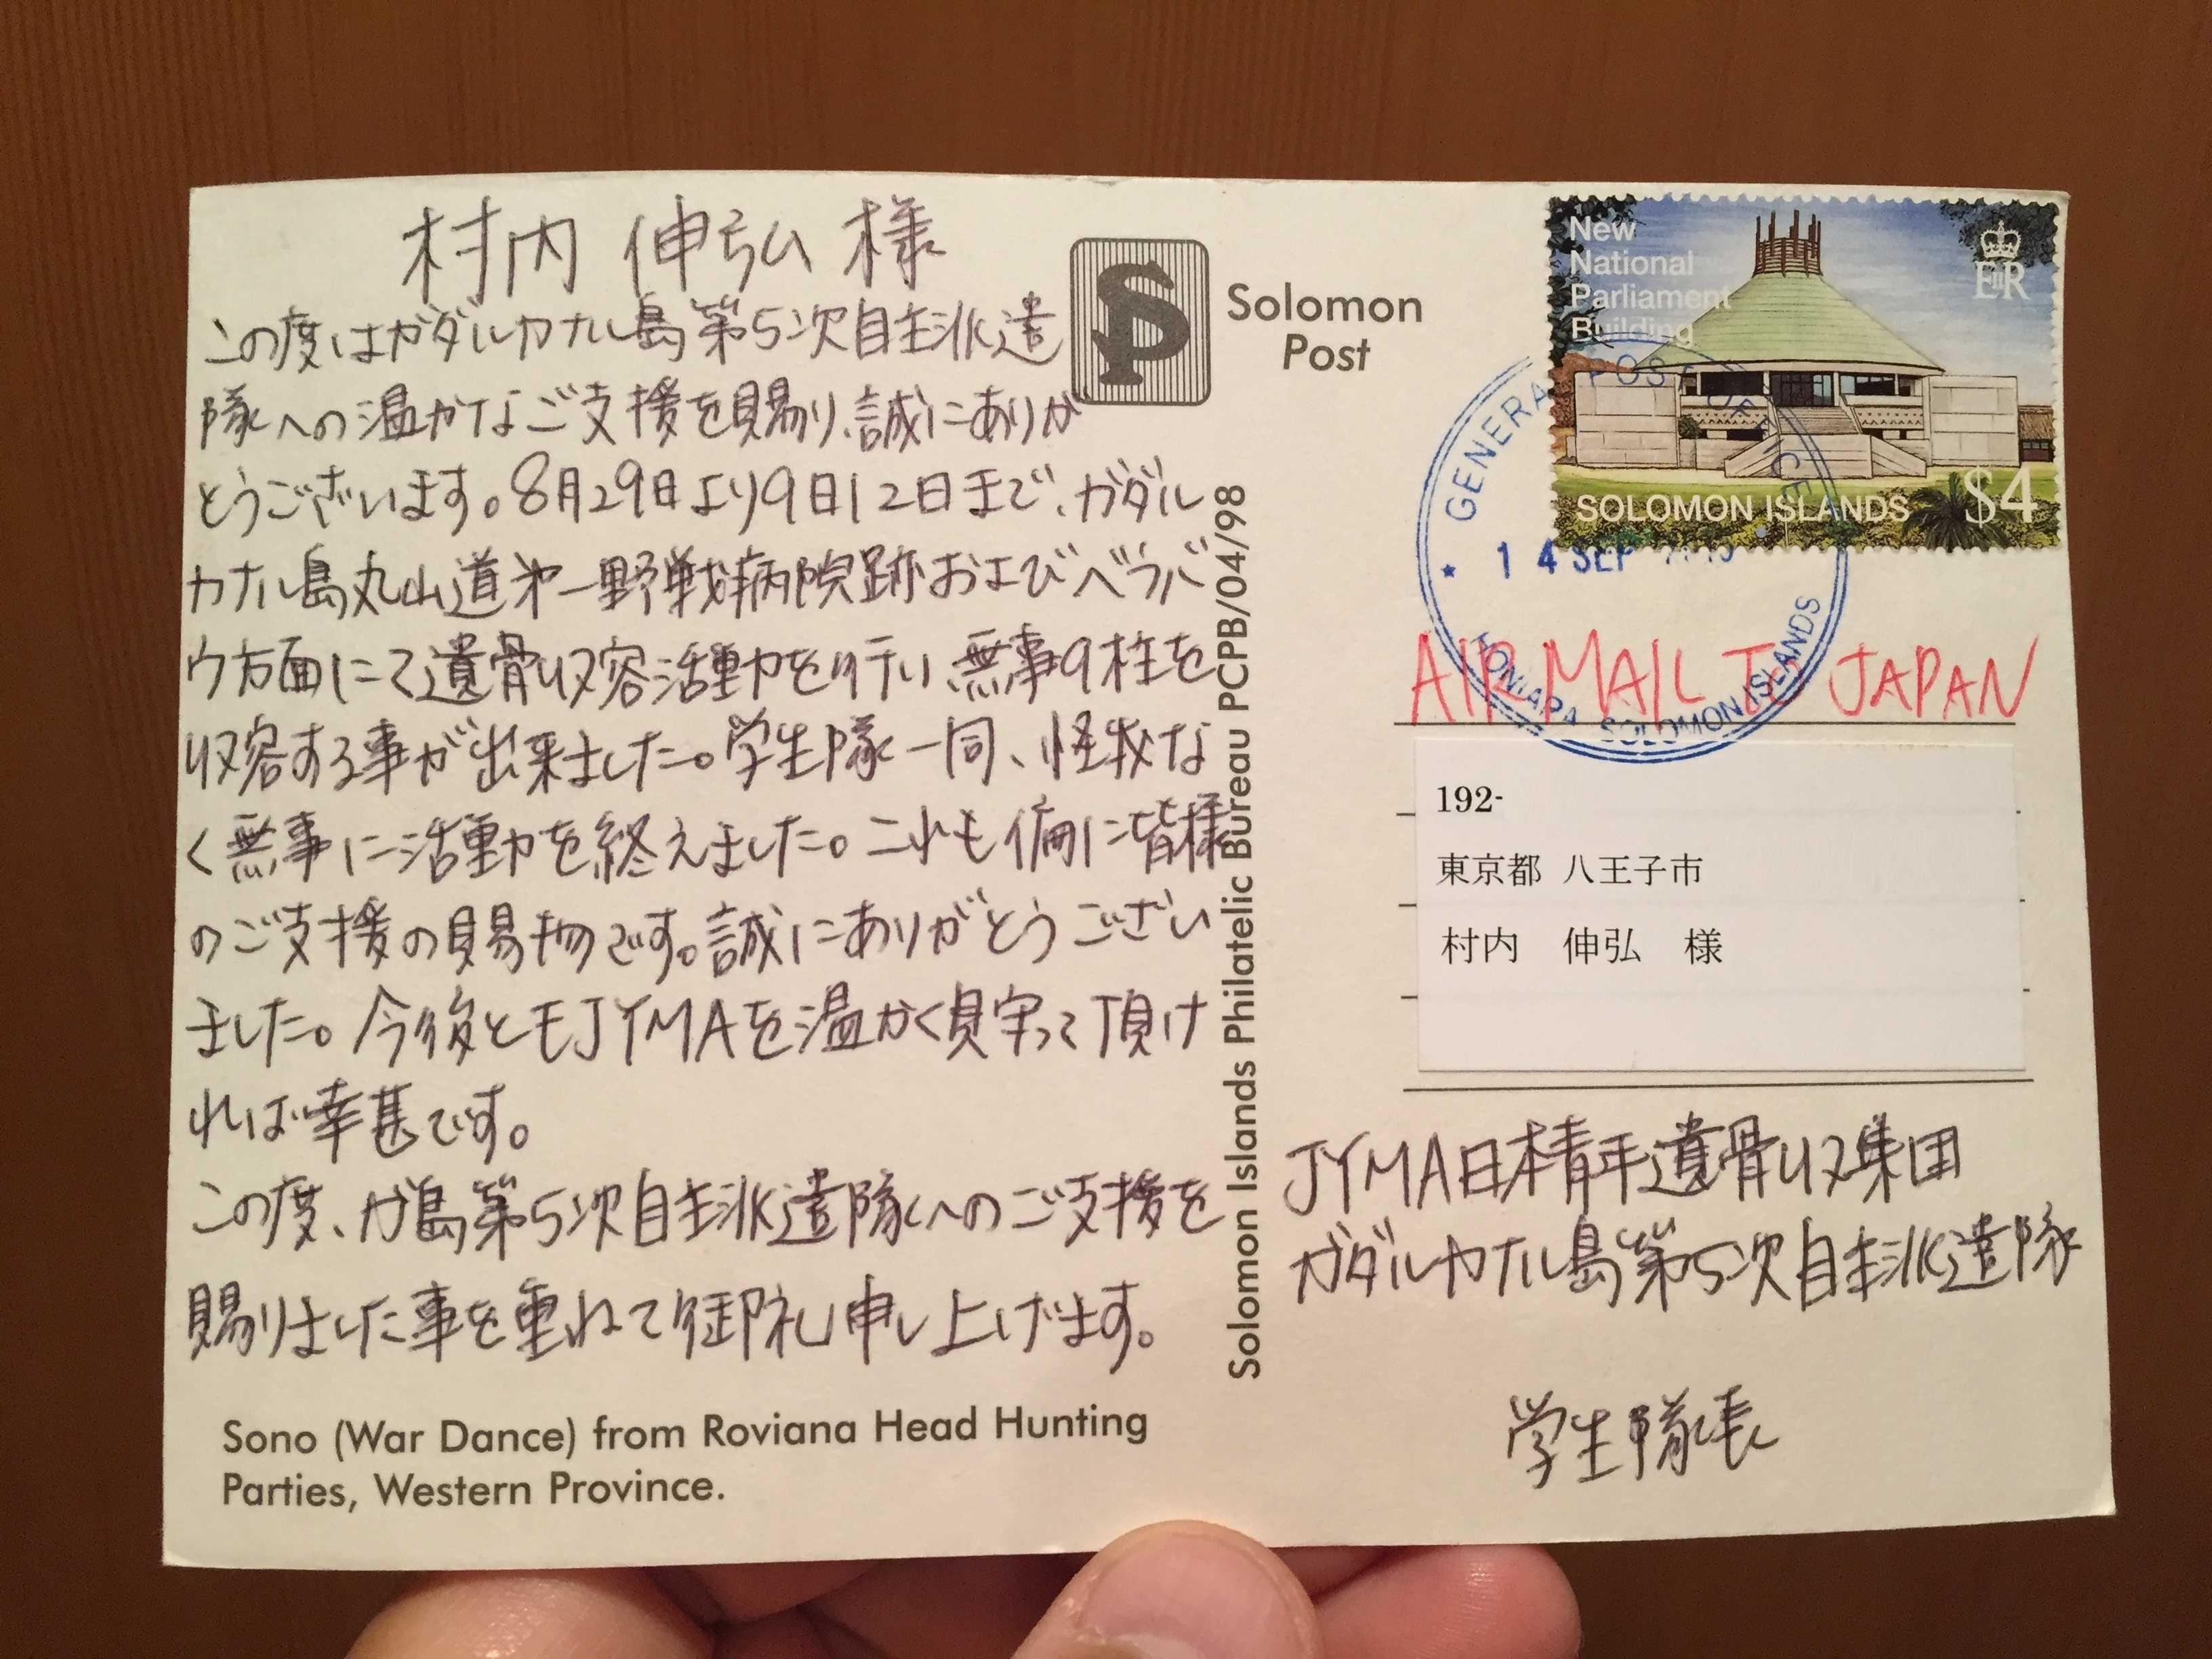 ガダルカナル島第5次自主派遣隊 - Solomon Post AIR MAIL TO JAPAN